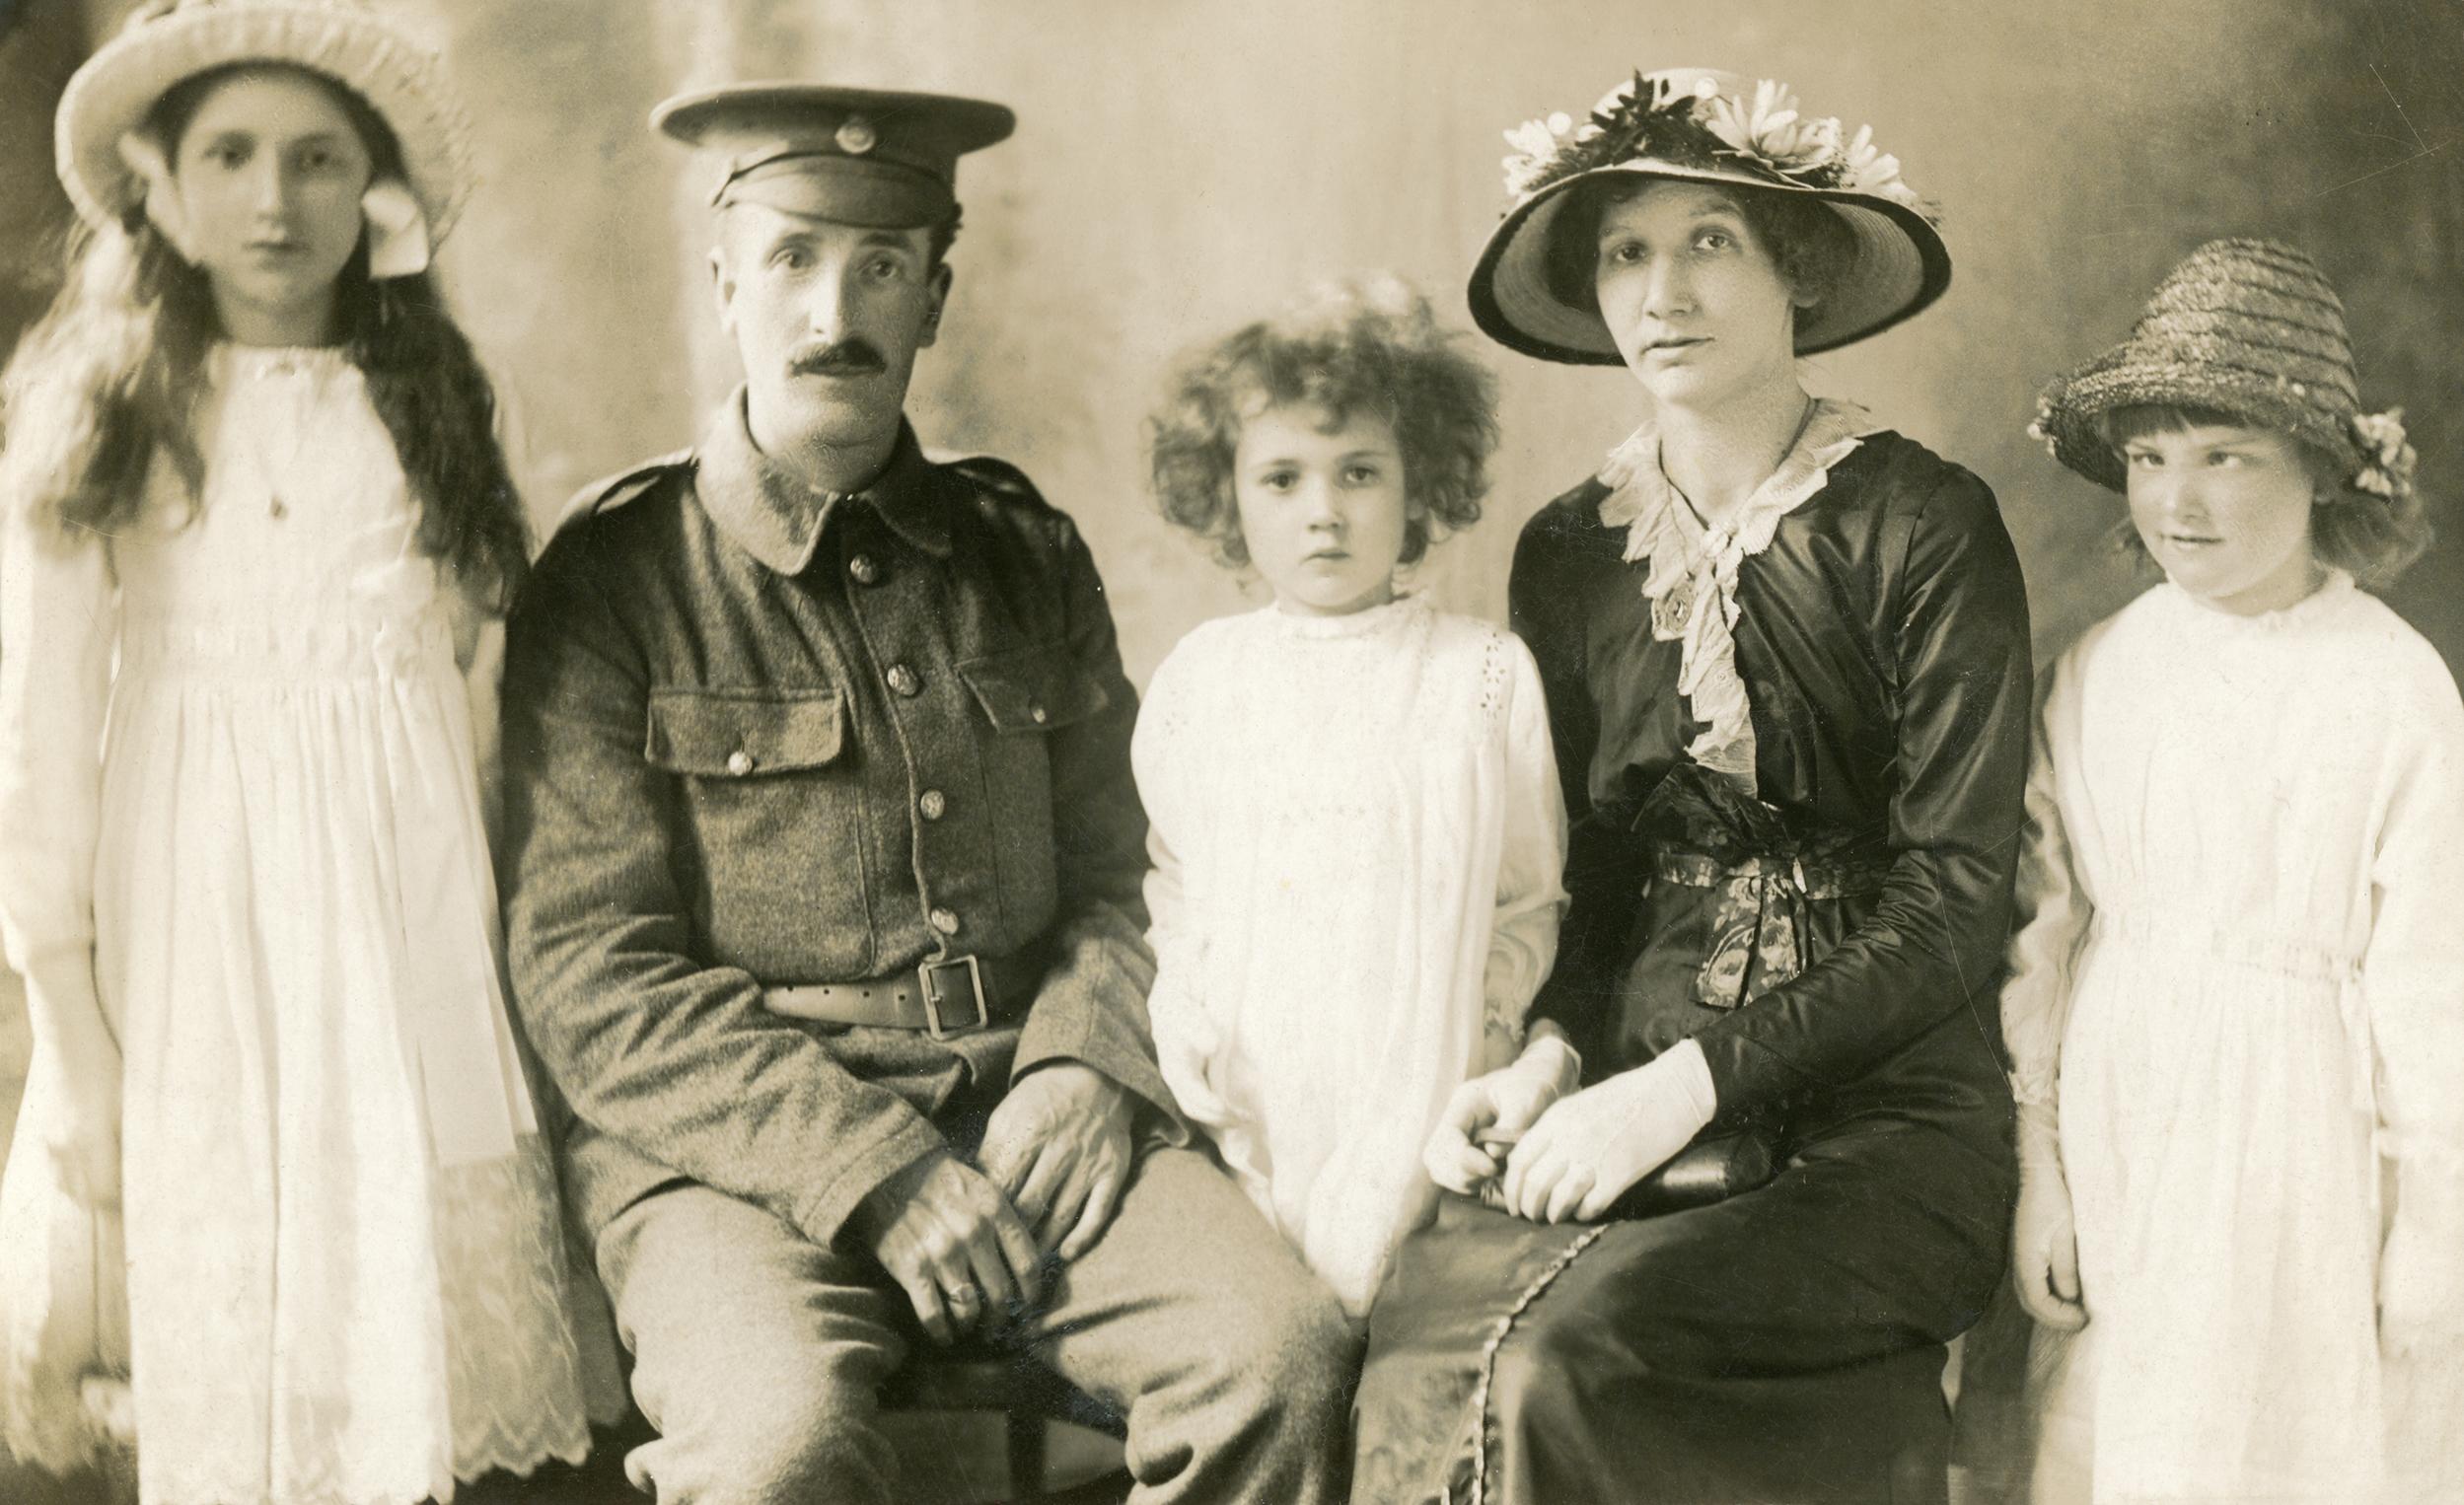 Frederick William and Louisa Ellen Baxter with children